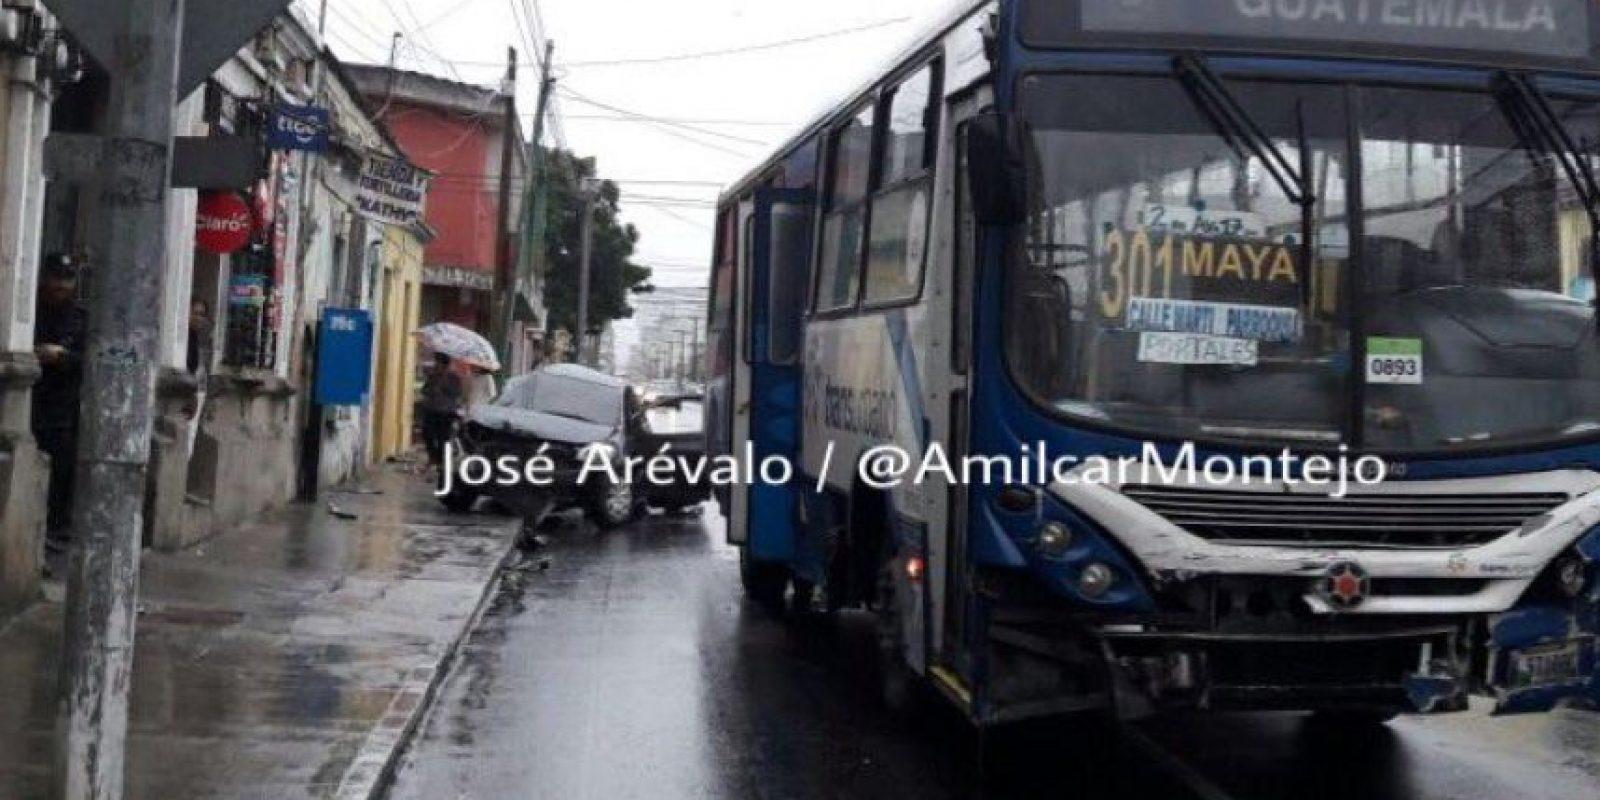 Foto:José Arévalo